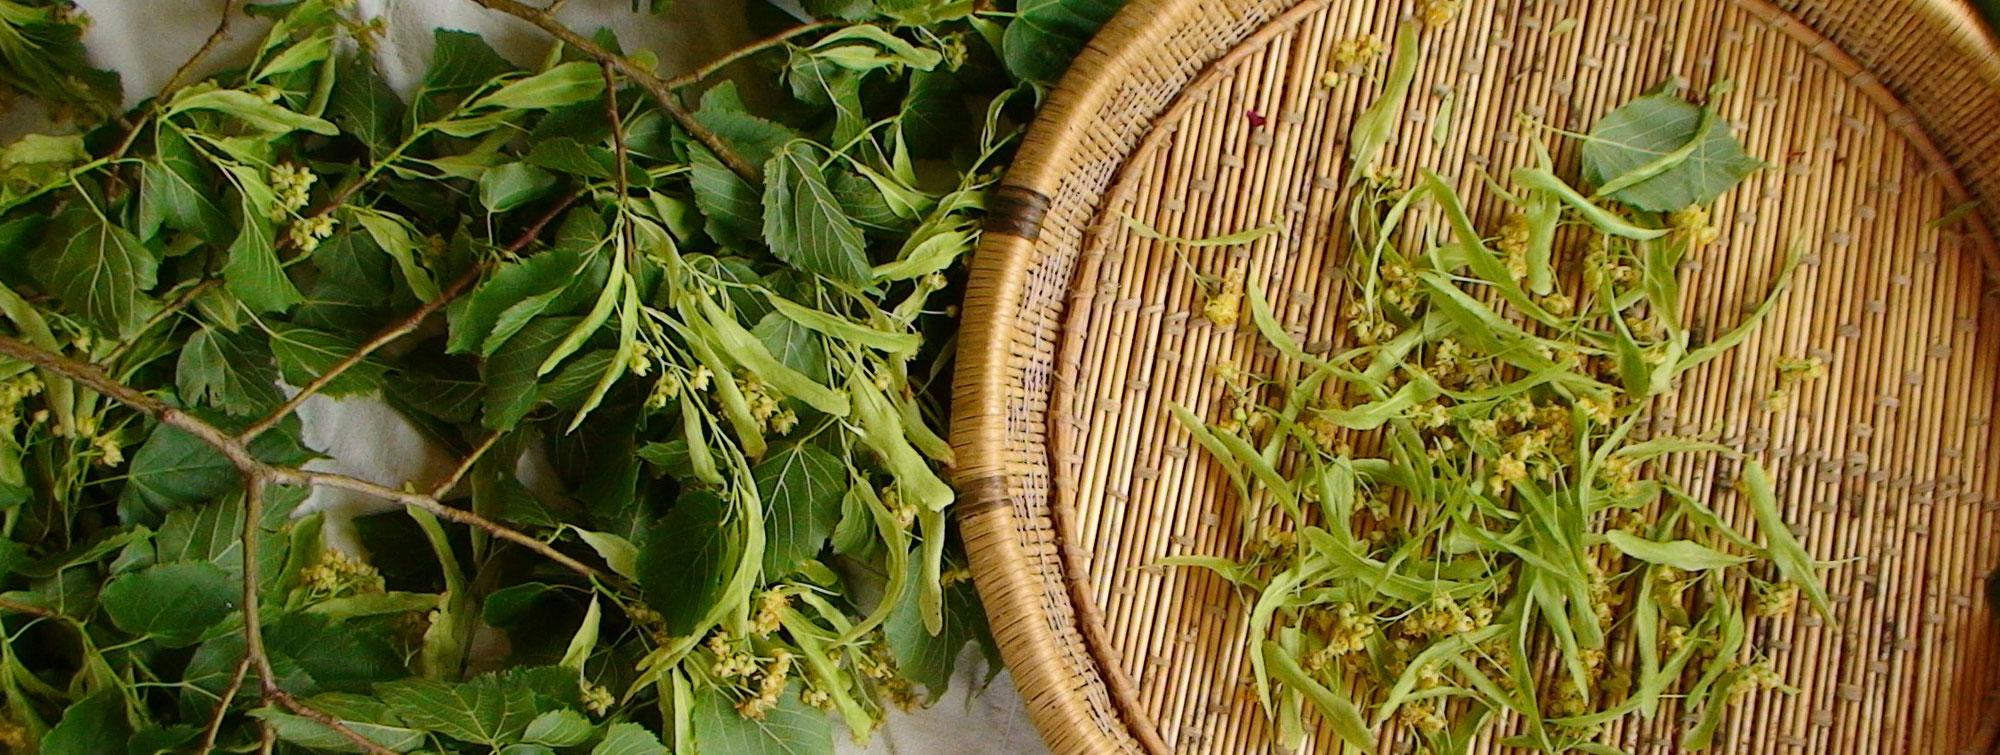 Récolte du tilleul et tri avant séchage